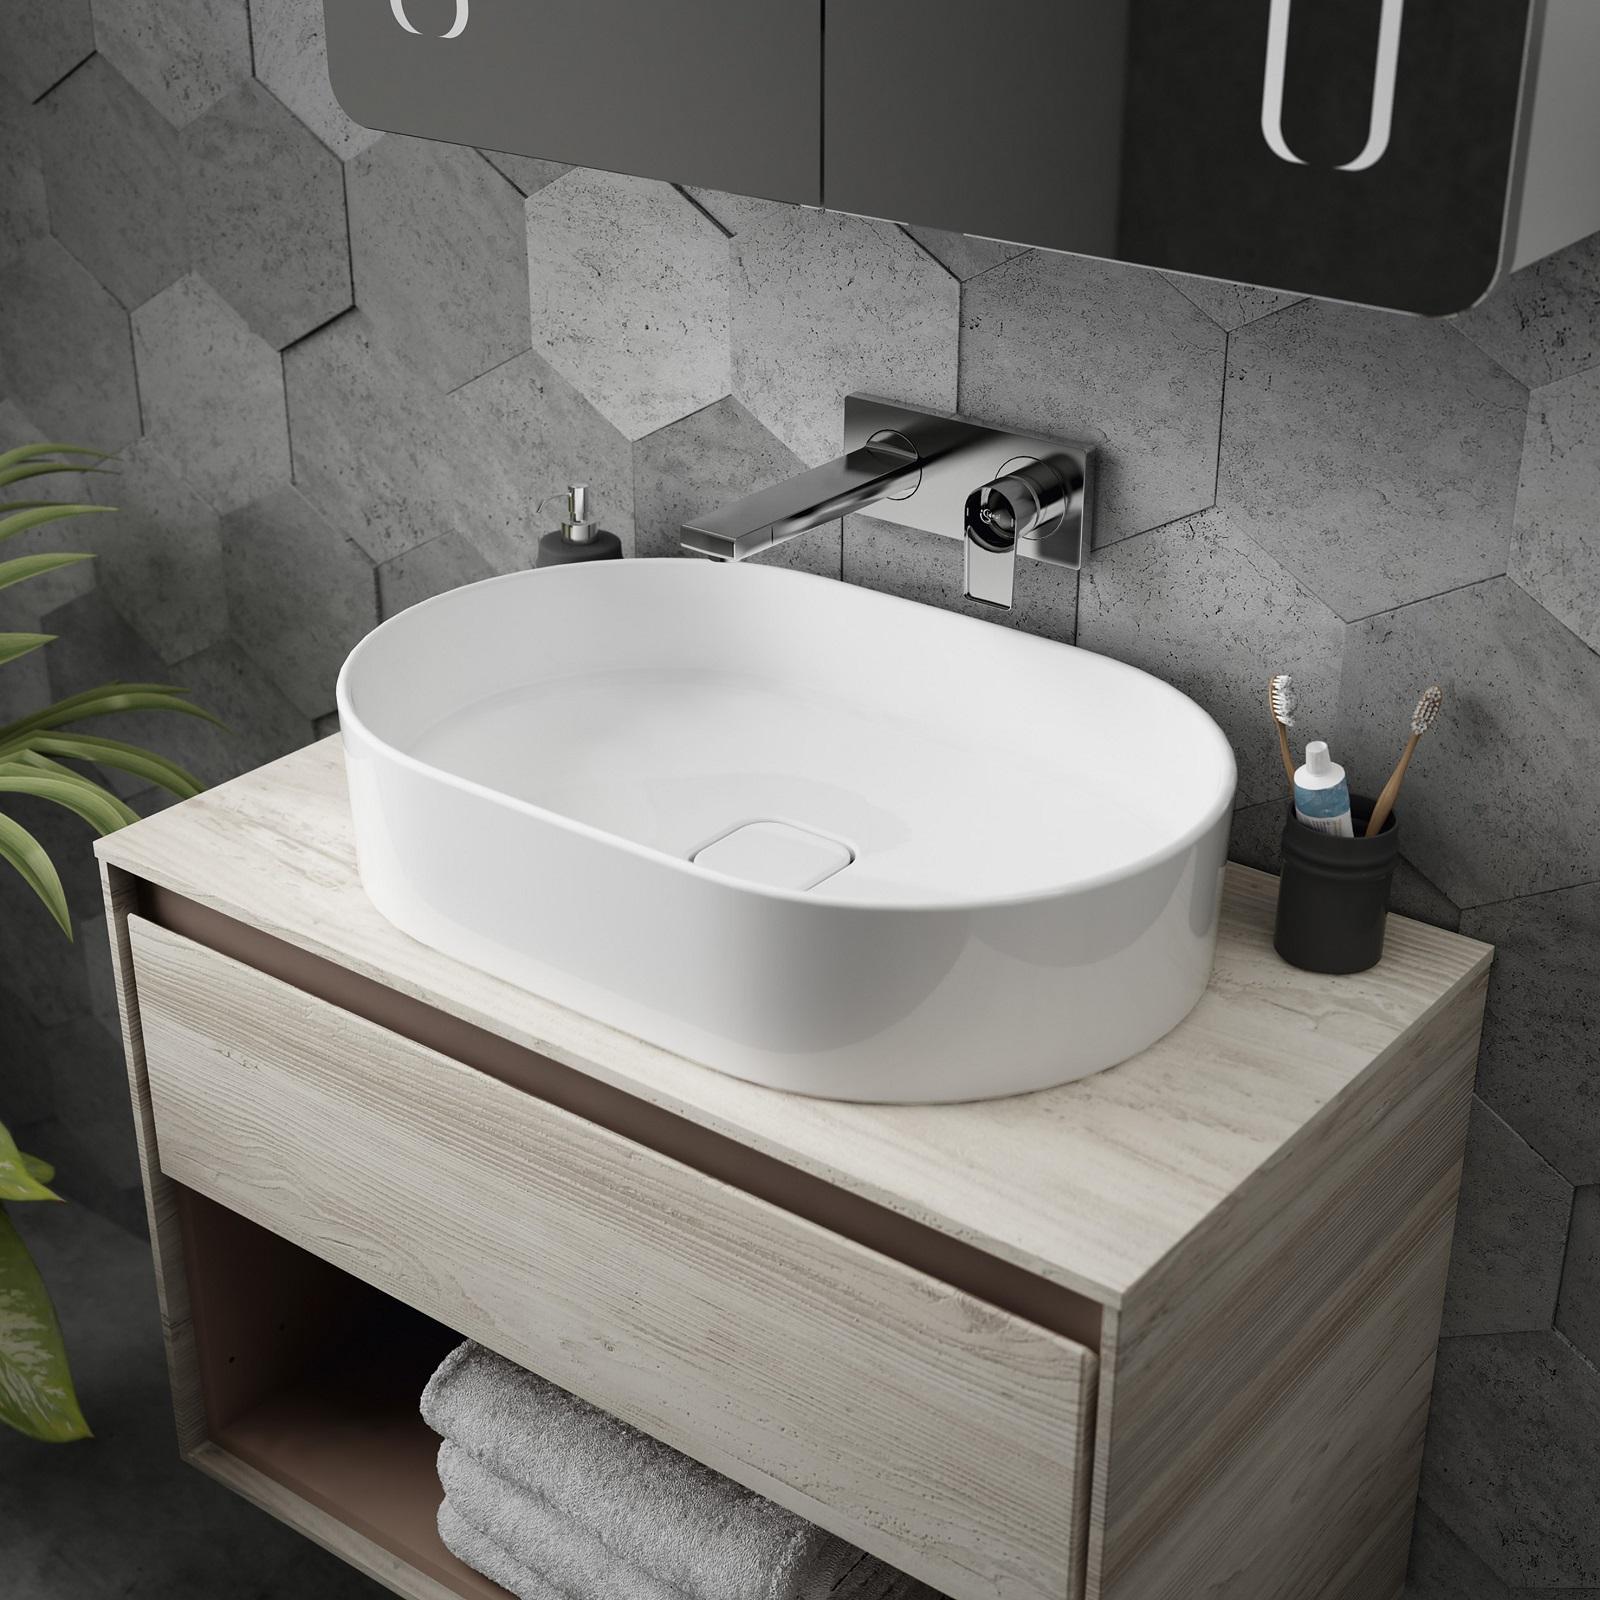 Lavabi dalle linee tonde bianchi o colorati cose di casa - Lavabi bagno ideal standard ...